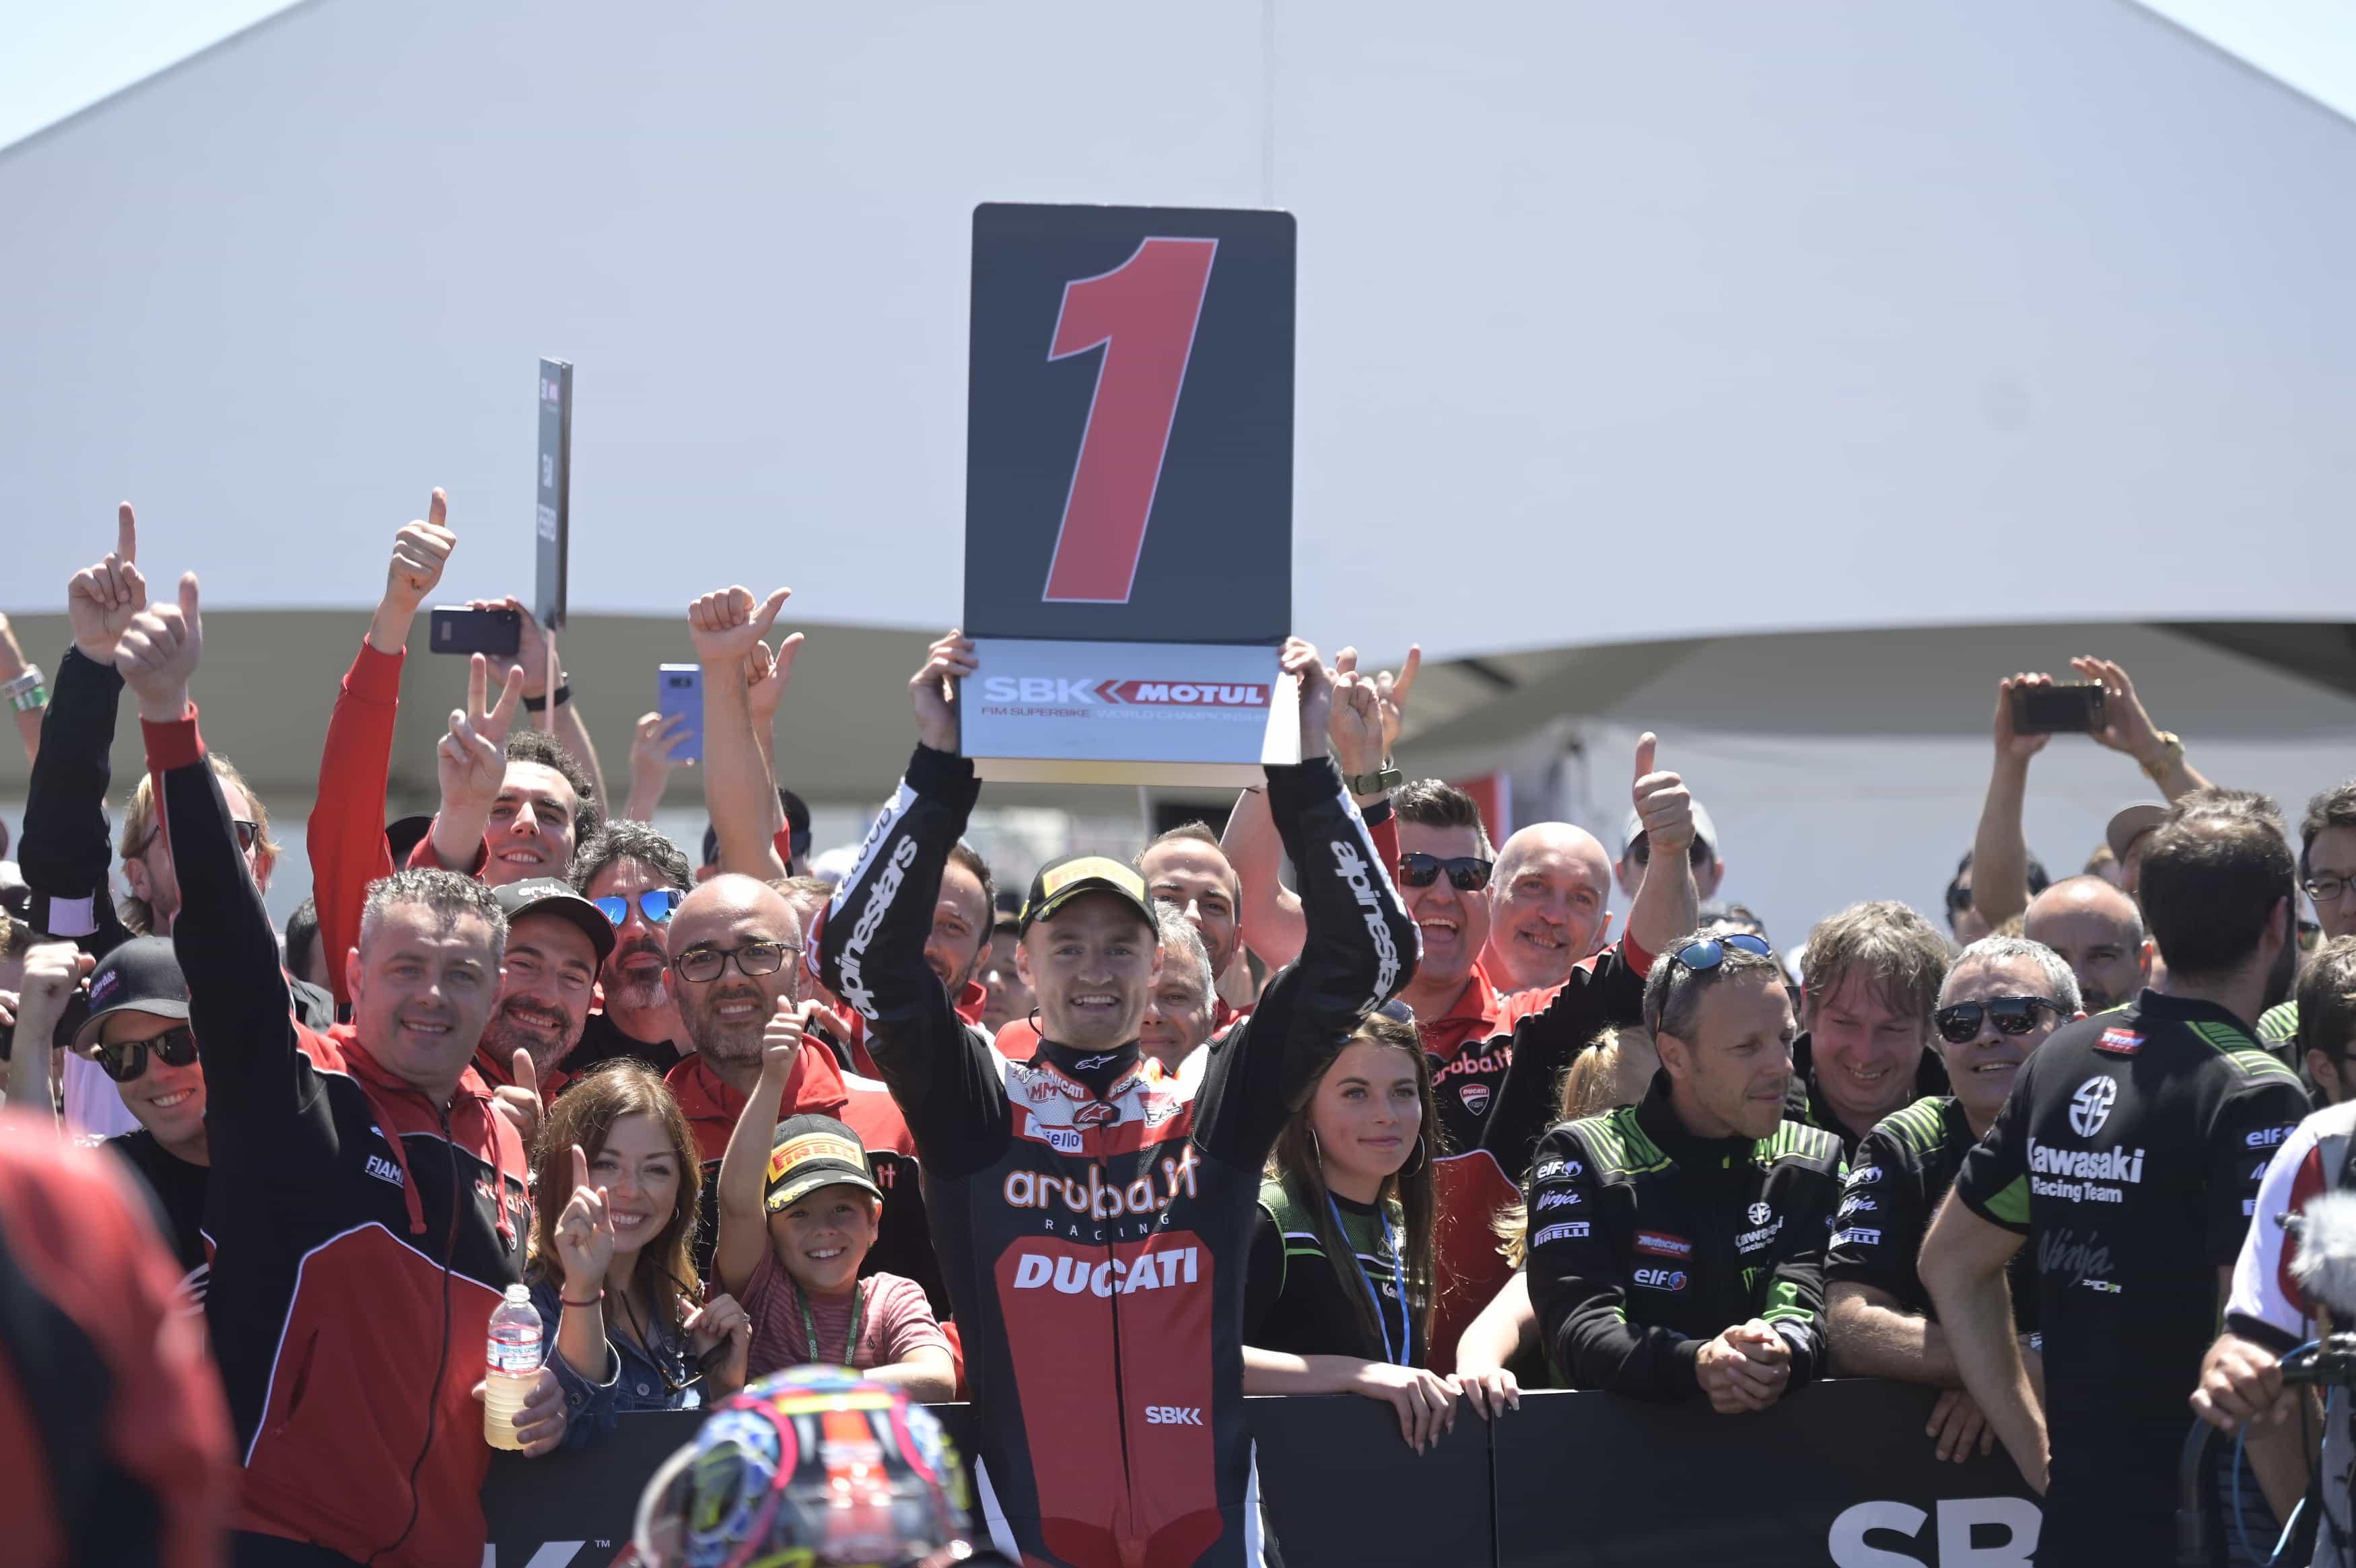 ピレリ(Pirelli)スーパーポールレースでレイ、レース2でデイビスが優勝 SCXタイヤが確かな性能を発揮